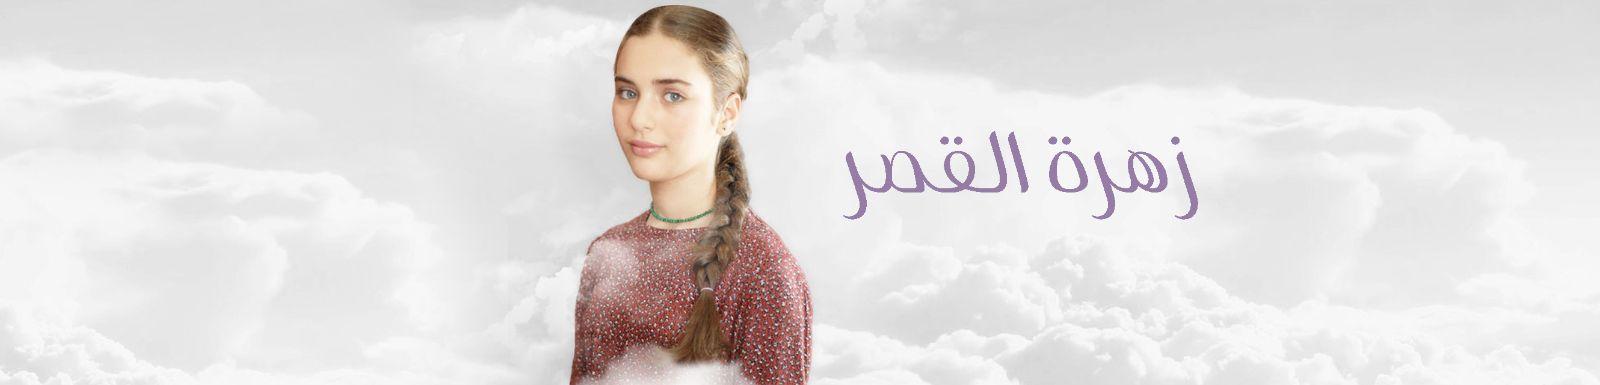 مشاهدة وتحميل مسلسل زهرة القصر الحلقة 20 العشرون كاملة 2014